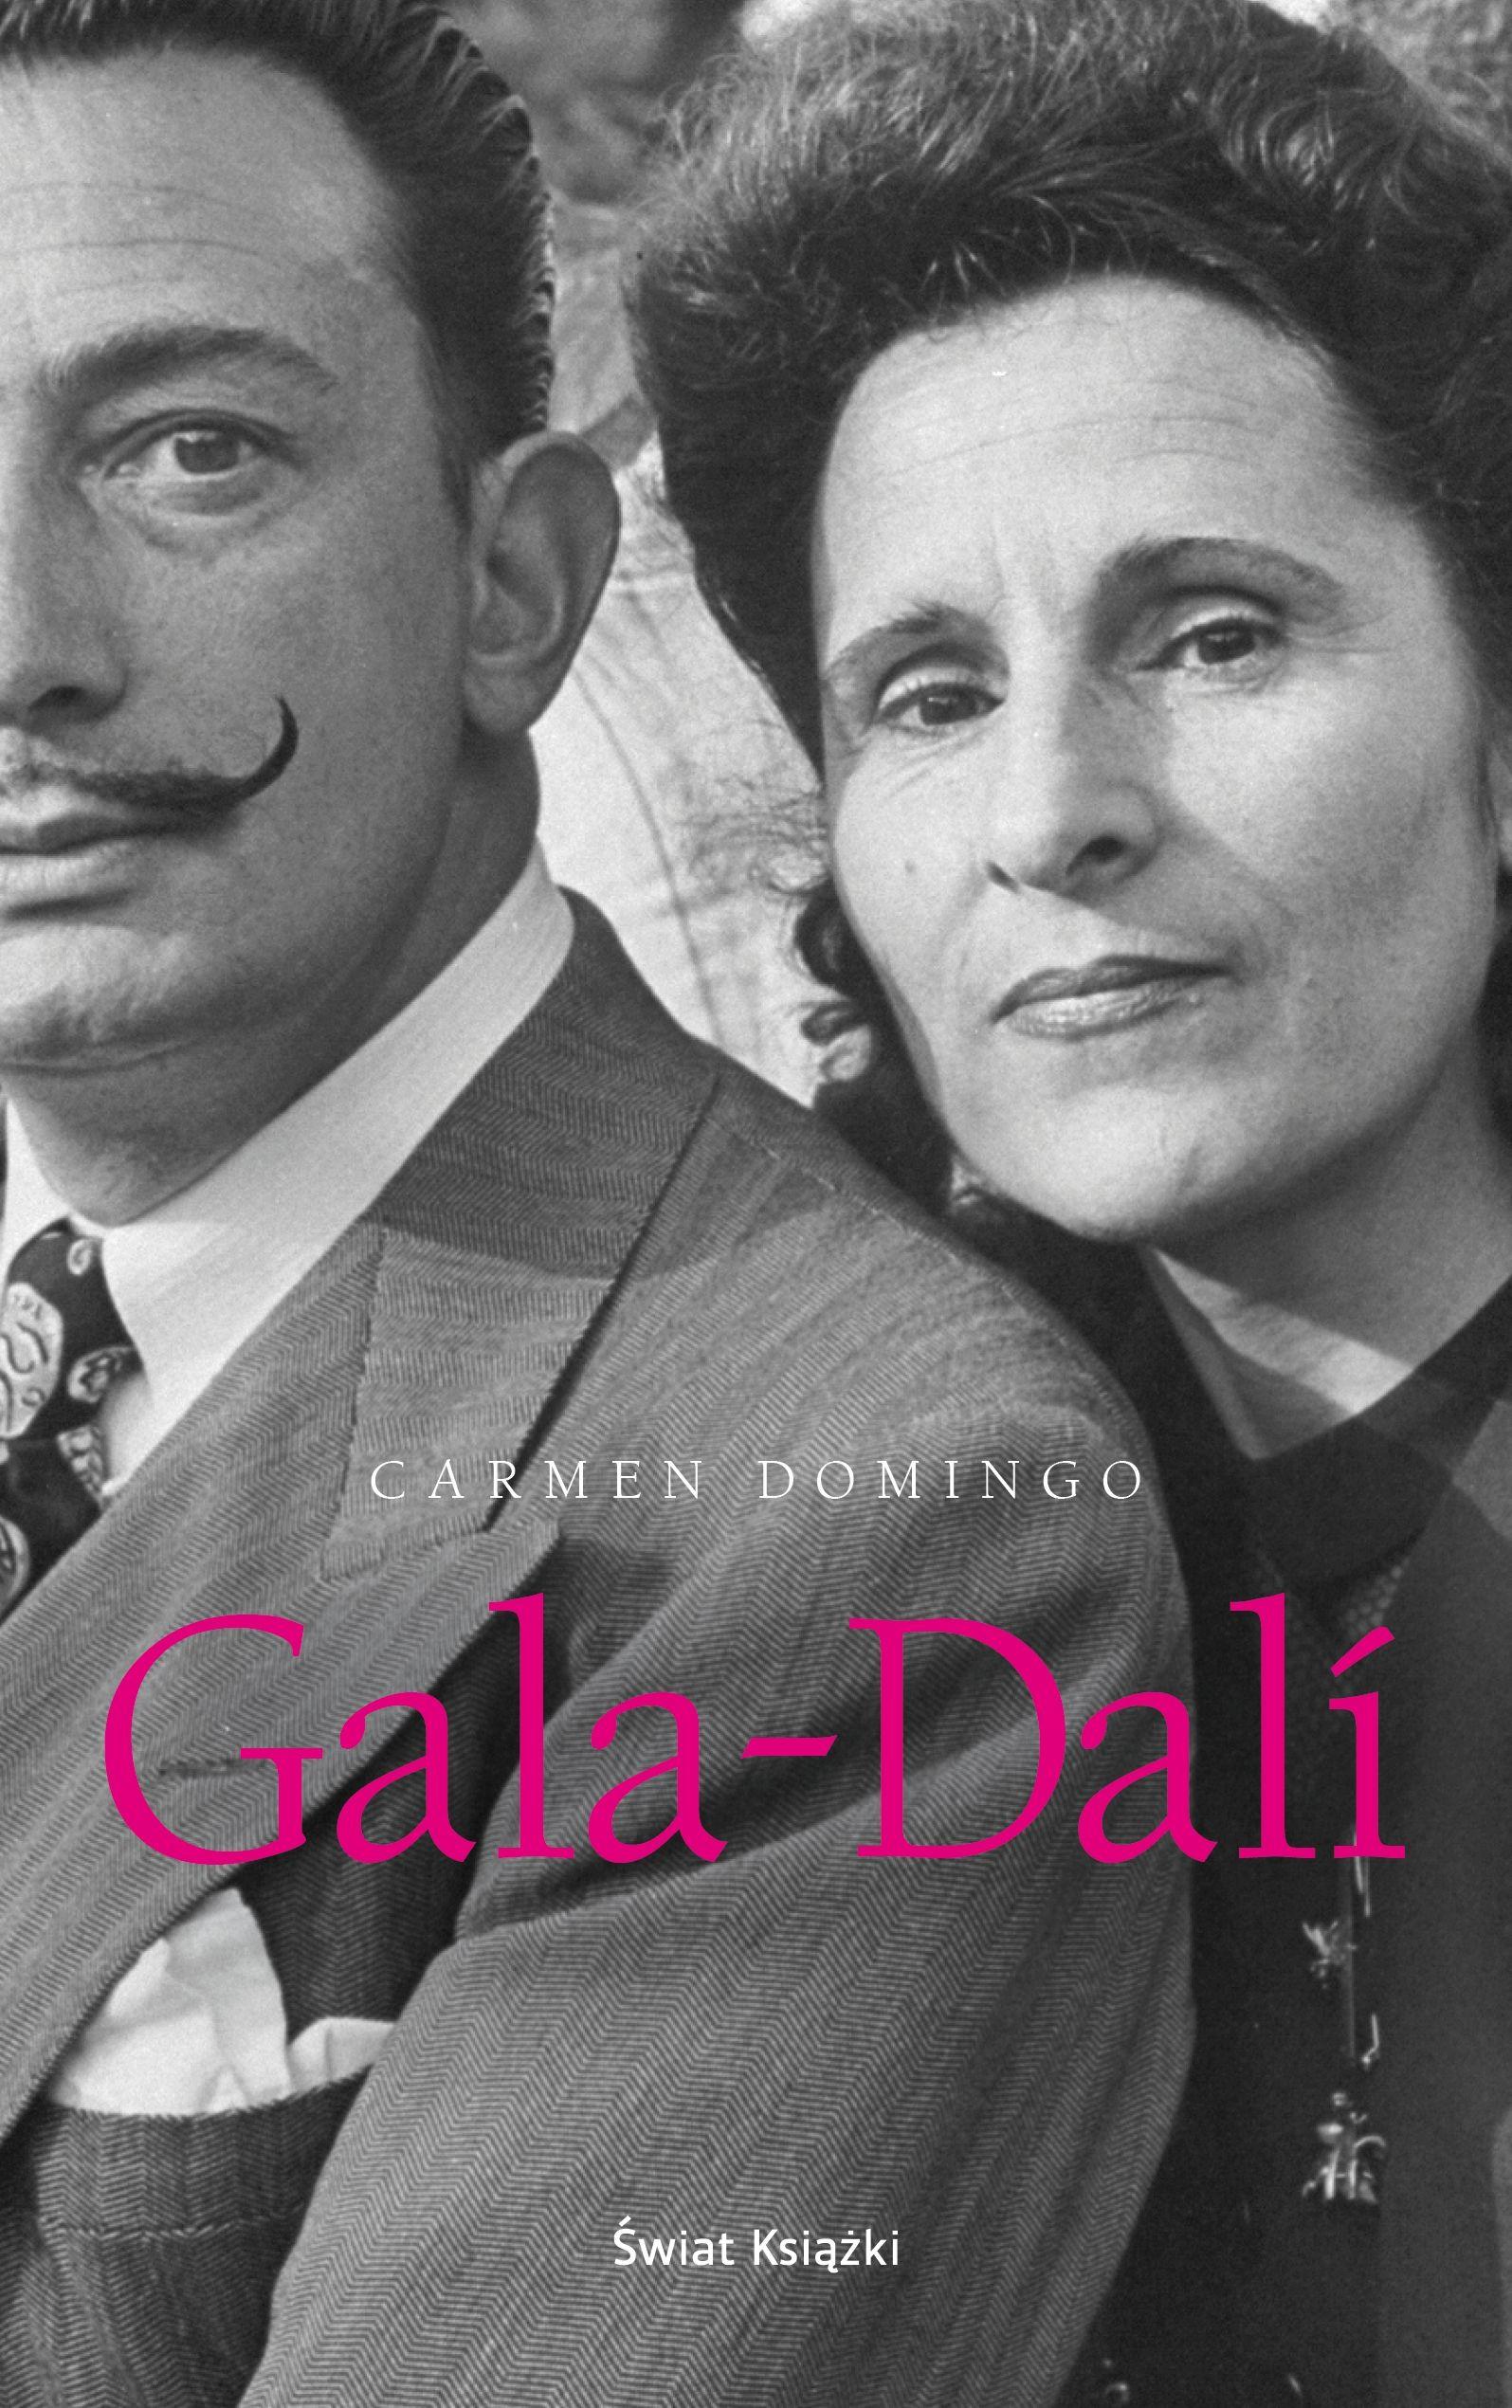 """Artykuł powstał między innymi w oparciu o książkę Carmen Domingo """"Gala-Dalí"""", wydaną nakładem wydawnictwa Świat Książki."""